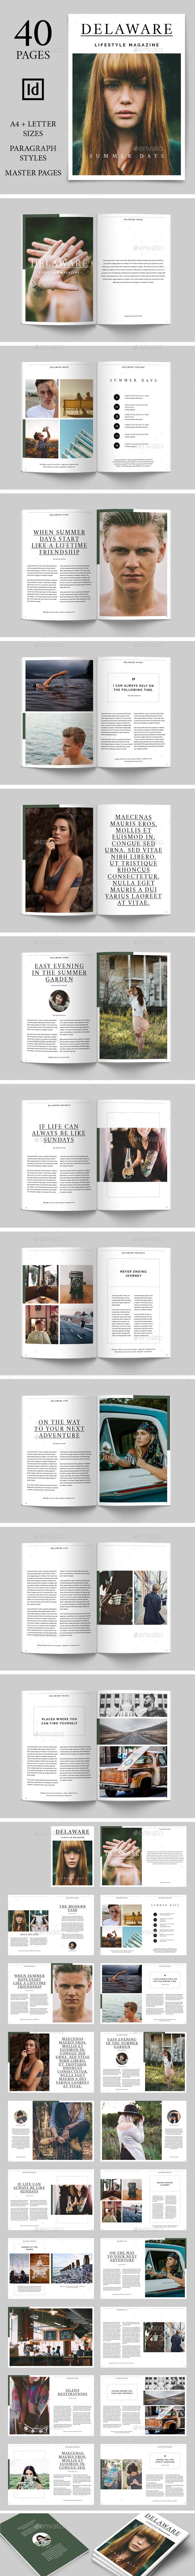 GraphicRiver Delaware Lifestyle Magazine 20994444